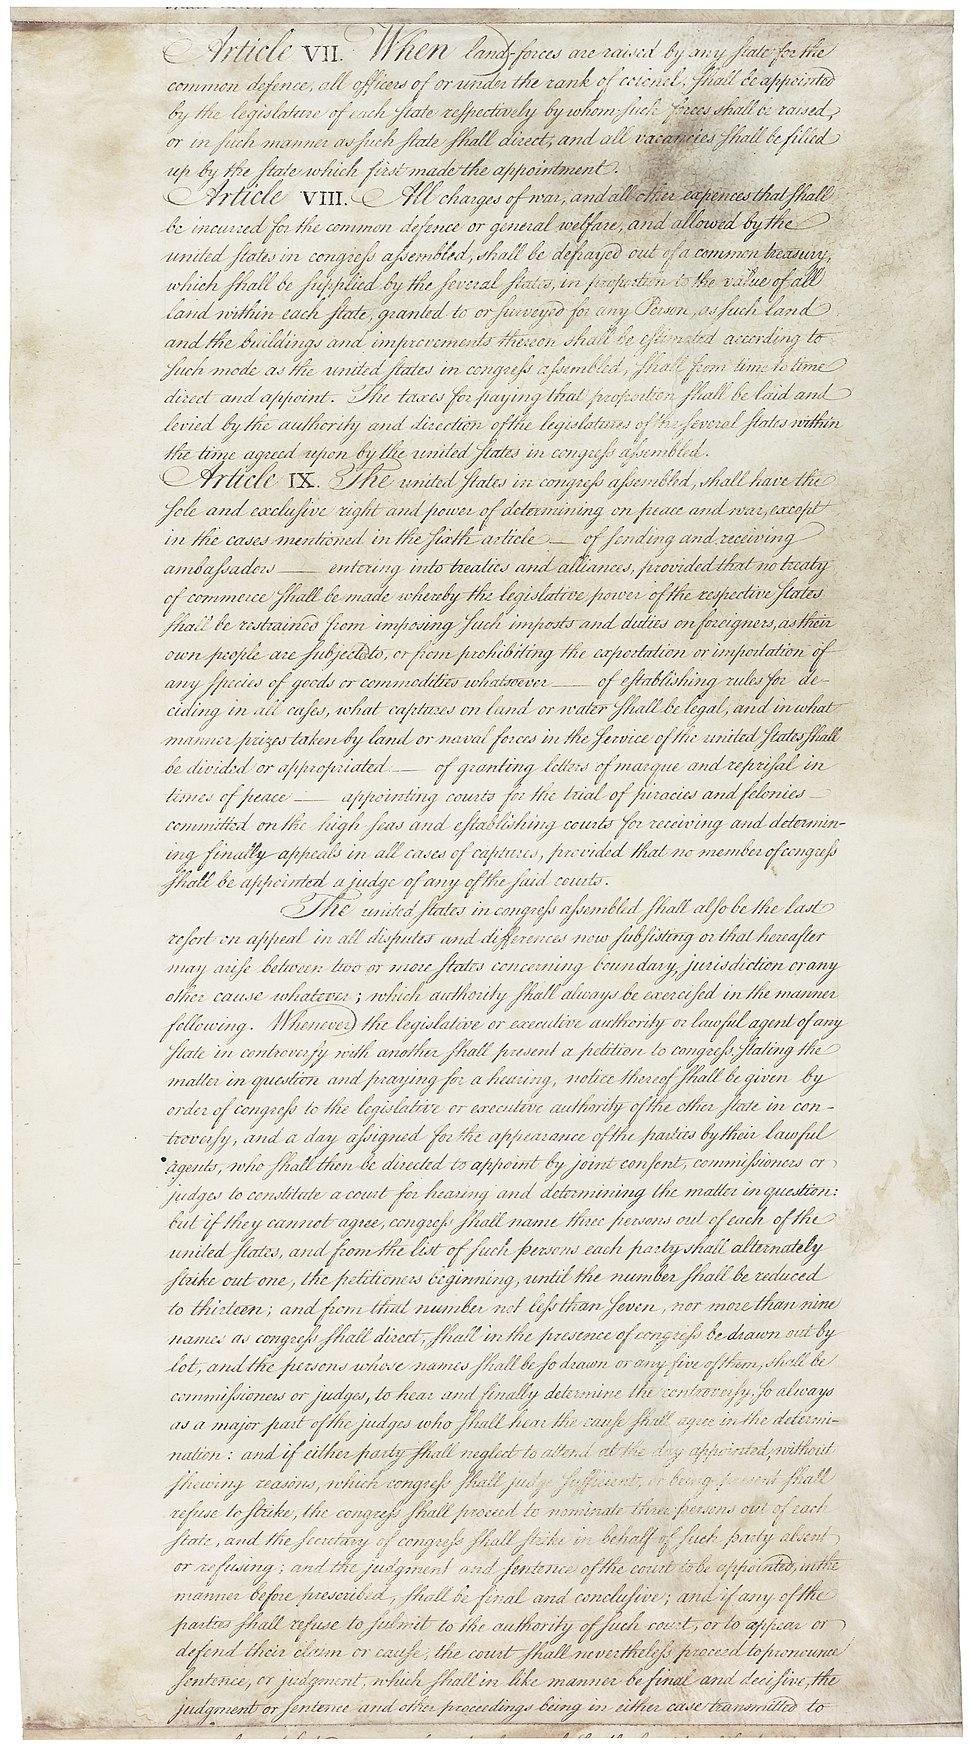 Articles of Confederation 7-9